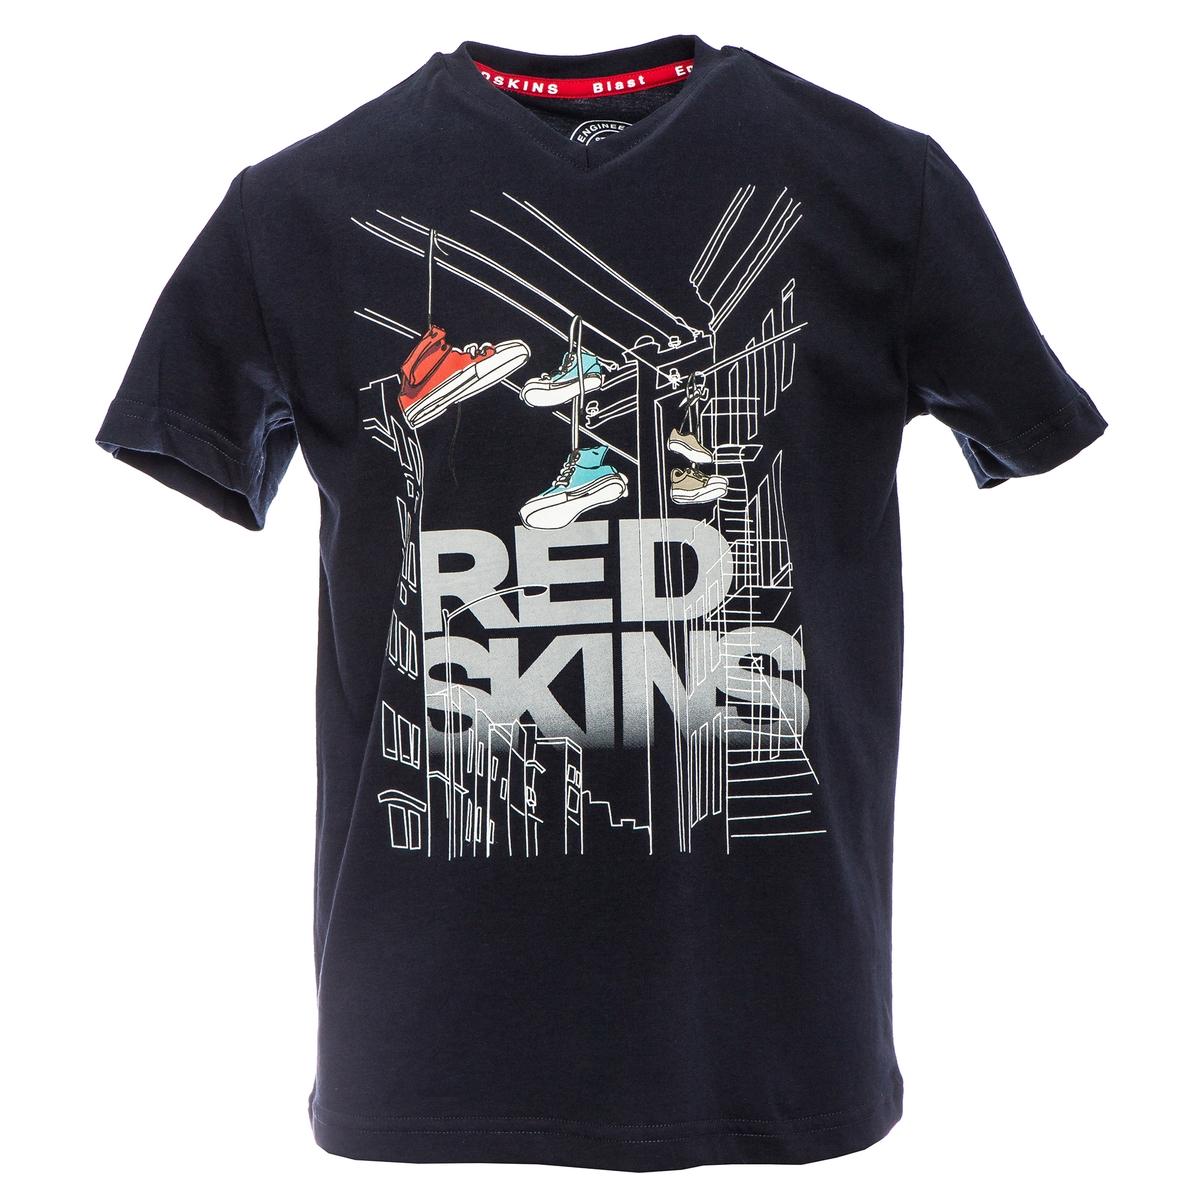 Футболка La Redoute С V-образным вырезом и рисунком спереди 10 лет - 138 см синий футболка la redoute с вышитым рисунком спереди 10 лет 138 см серый